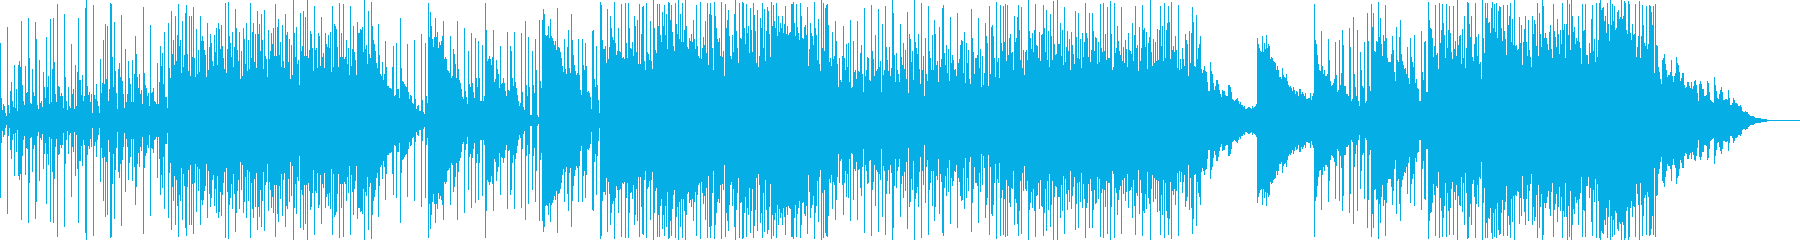 クールでミステリアスな印象のEDM風の曲の再生済みの波形